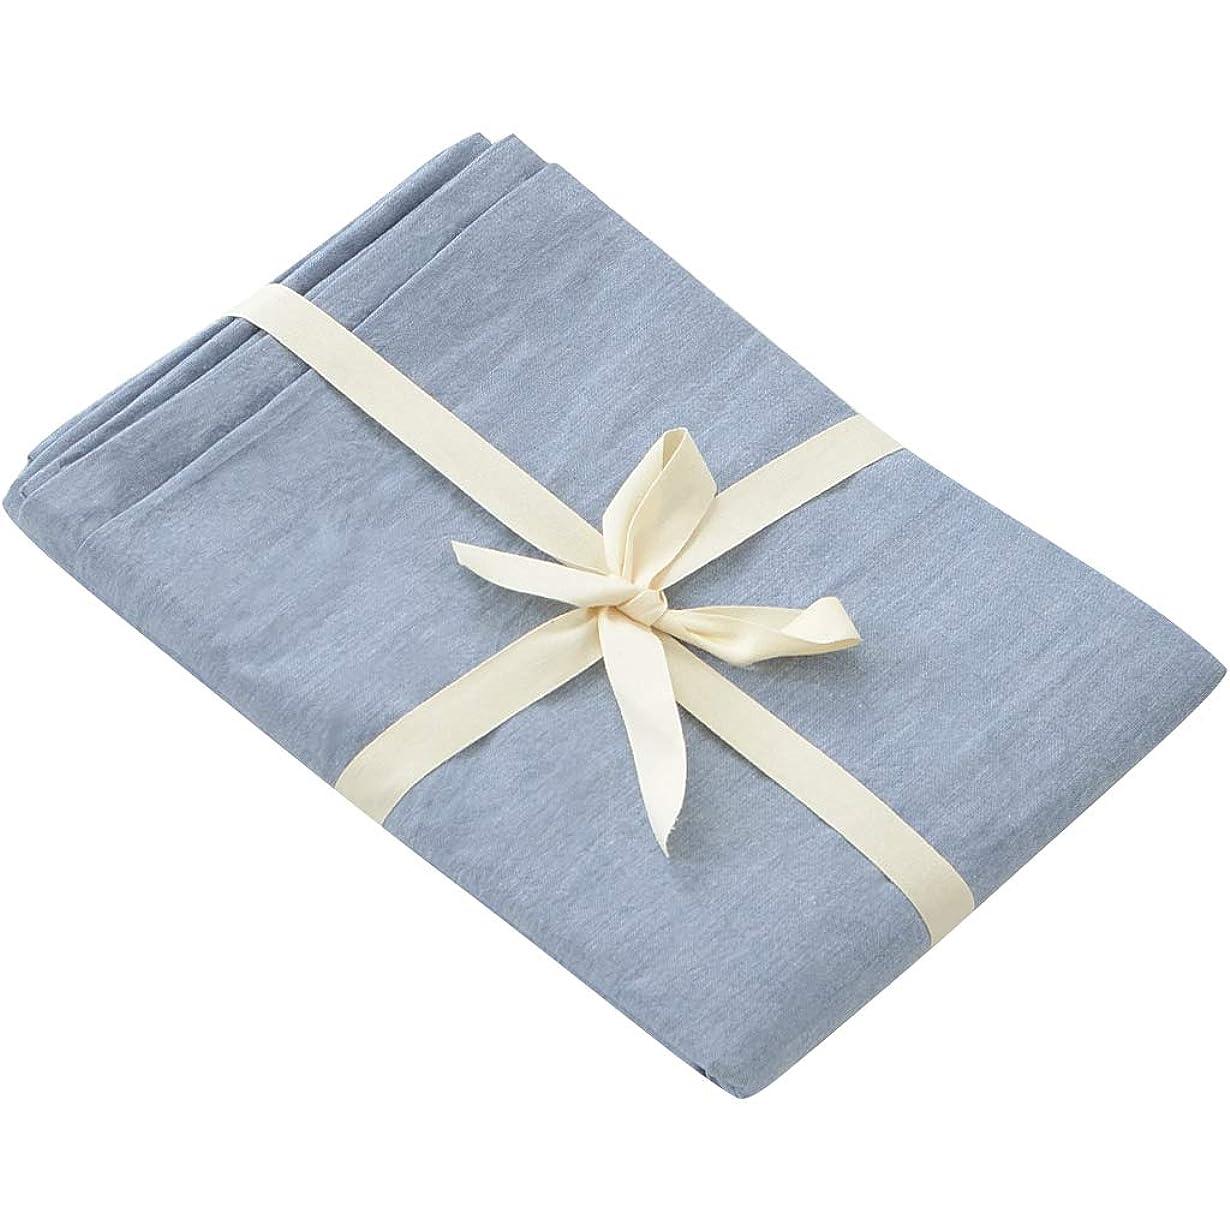 余韻危機泳ぐ枕カバー ピローケース 2枚 綿 北欧 防ダニ 洗える リネン 色褪せない 柔らかい 抗菌 防臭 5色 封筒式 グレー 白 ブルー 48*74cm